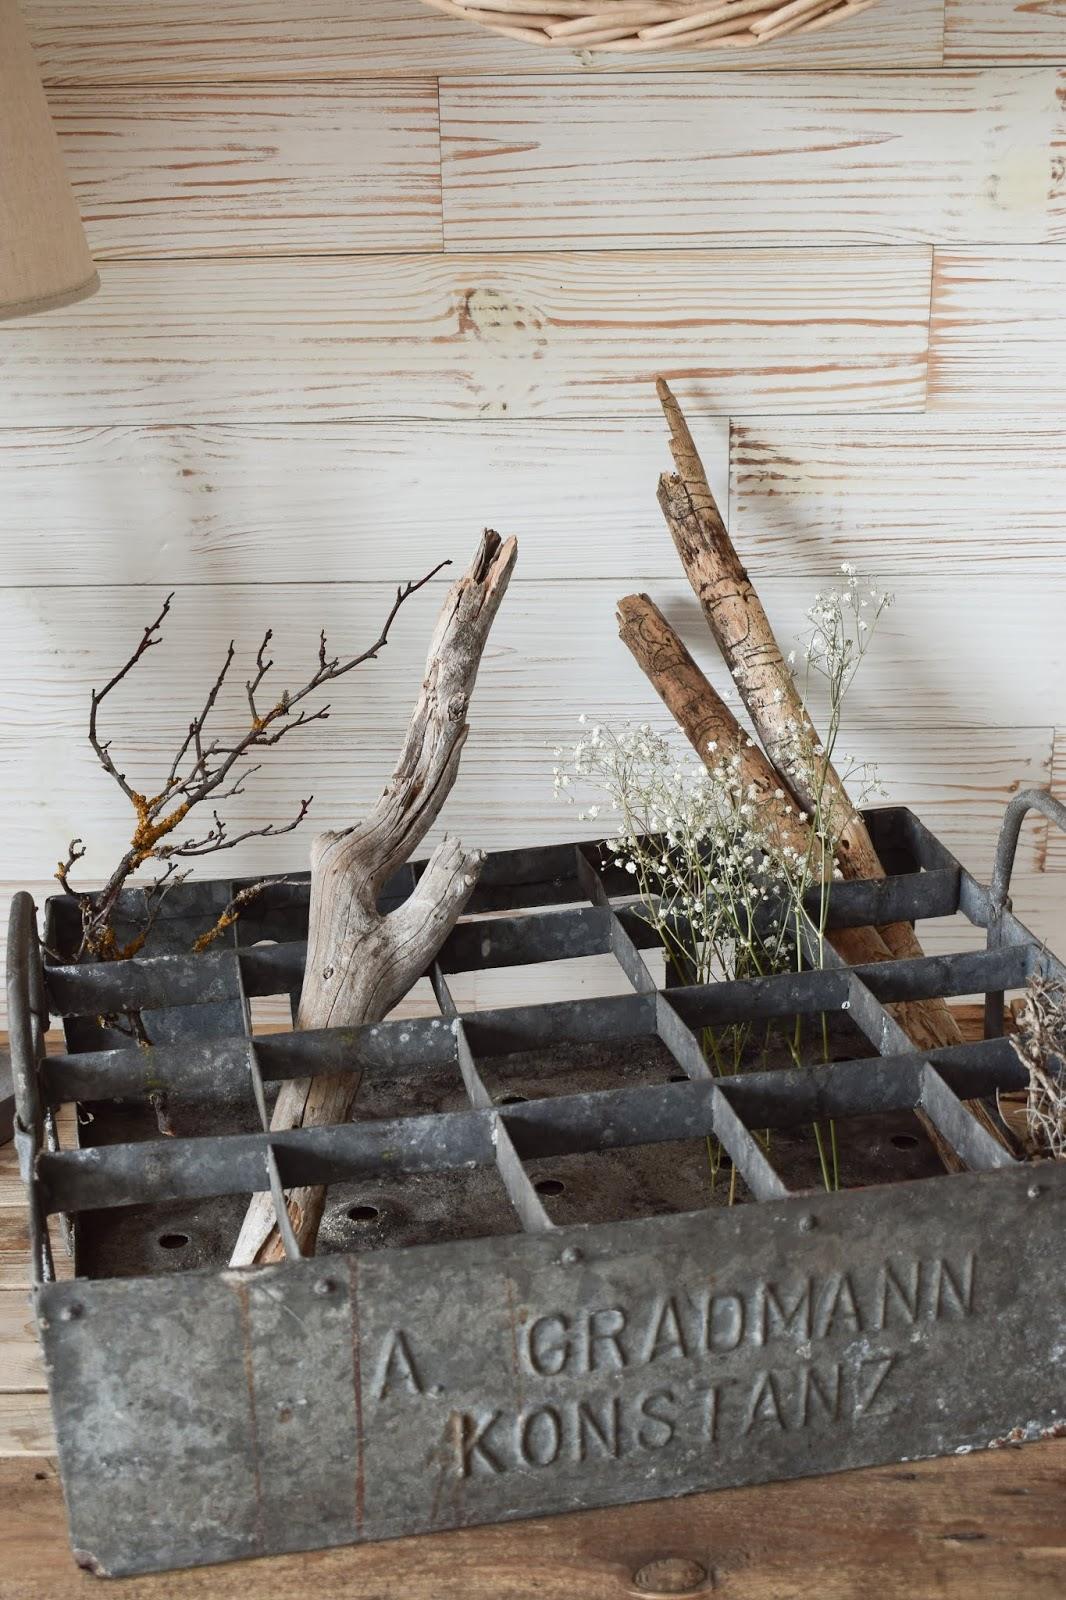 Naturdeko mit Fundstücken aus der Natur. Äste Zweige Schleierkraut. Flohmakrt Flaschenhalter Metall Deko Dekoidee Dekorieren natürlich